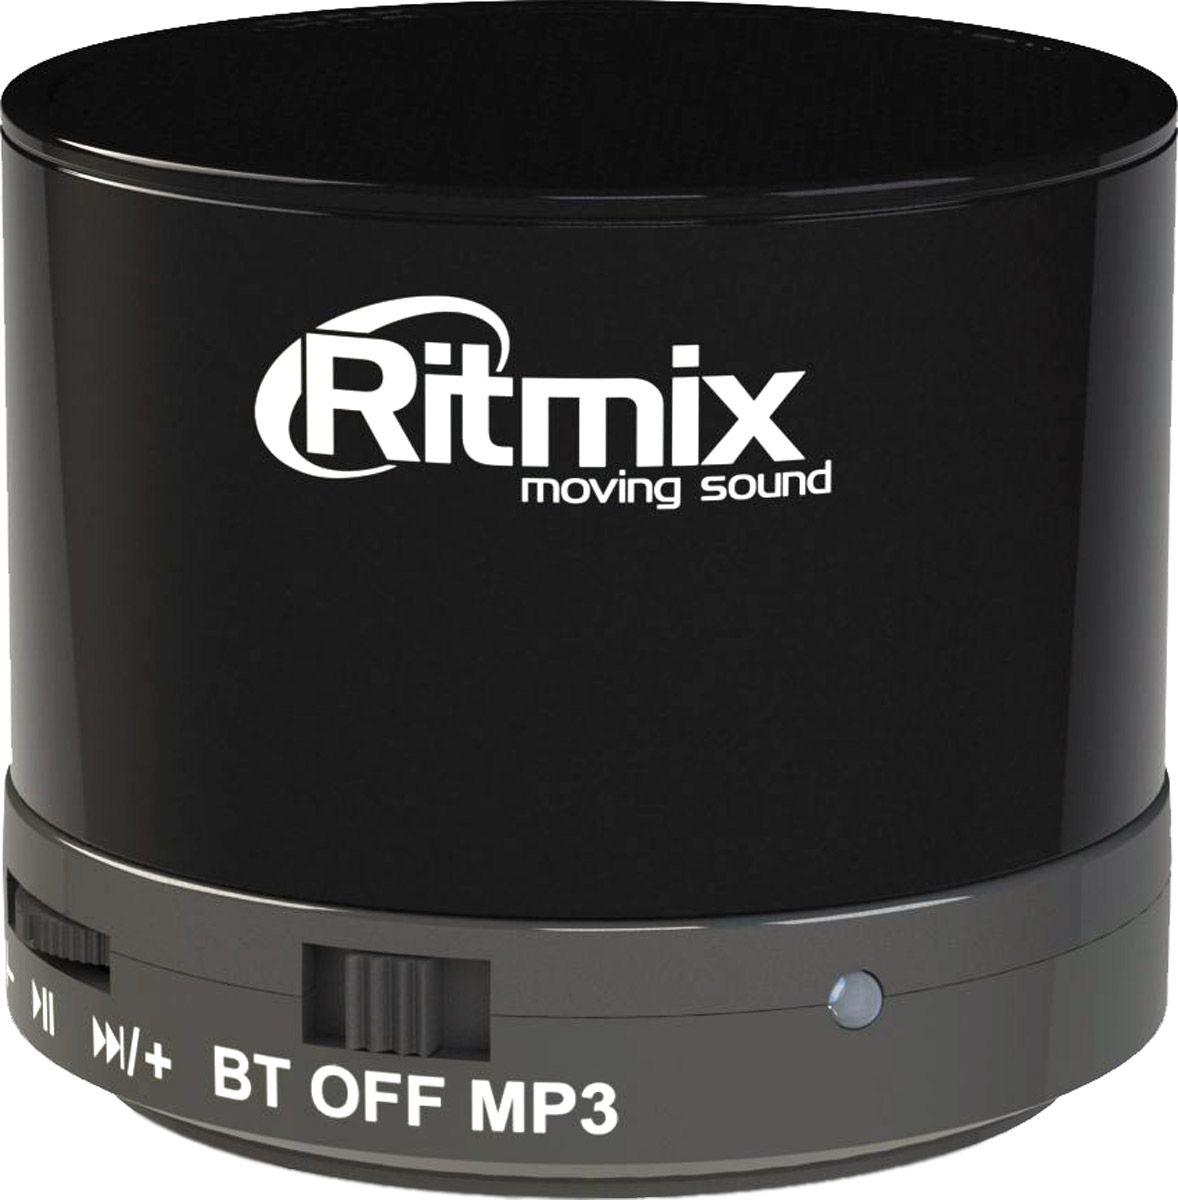 Ritmix SP-130B, Black портативная акустическая система15118765Несмотря на свой компактный размер, портативная Bluetooth колонка Ritmix SP-130B обладает чистым звучанием. Она совместима с большинством аудио и мультимедийных устройств (мобильные телефоны, mp3-плееры, персональные компьютеры, ноутбуки, планшеты и т.п.). Имеет функцию FM-радио и воспроизведения с карт памяти microSD. Отличный выбор для тех, кому нужна музыка всегда и везде.Емкость аккумулятора: 300 мАчКак выбрать портативную колонку. Статья OZON Гид